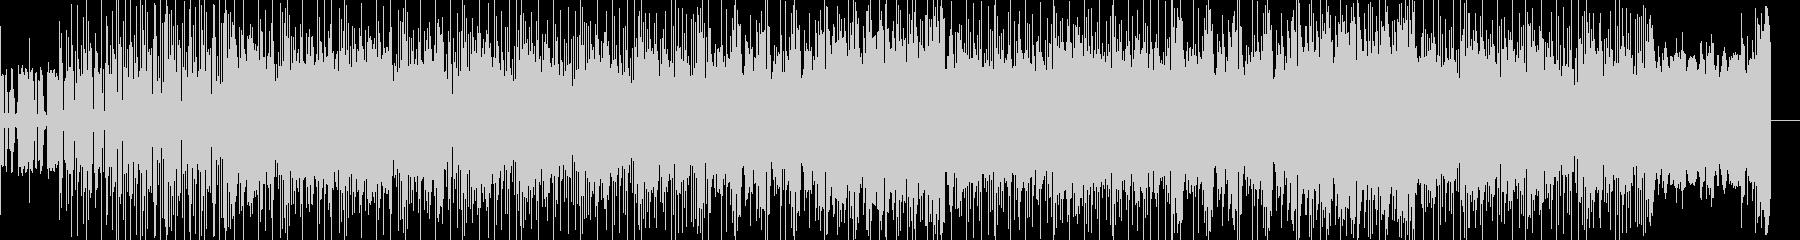 無機質なテクノにポップなメロディが乗る曲の未再生の波形